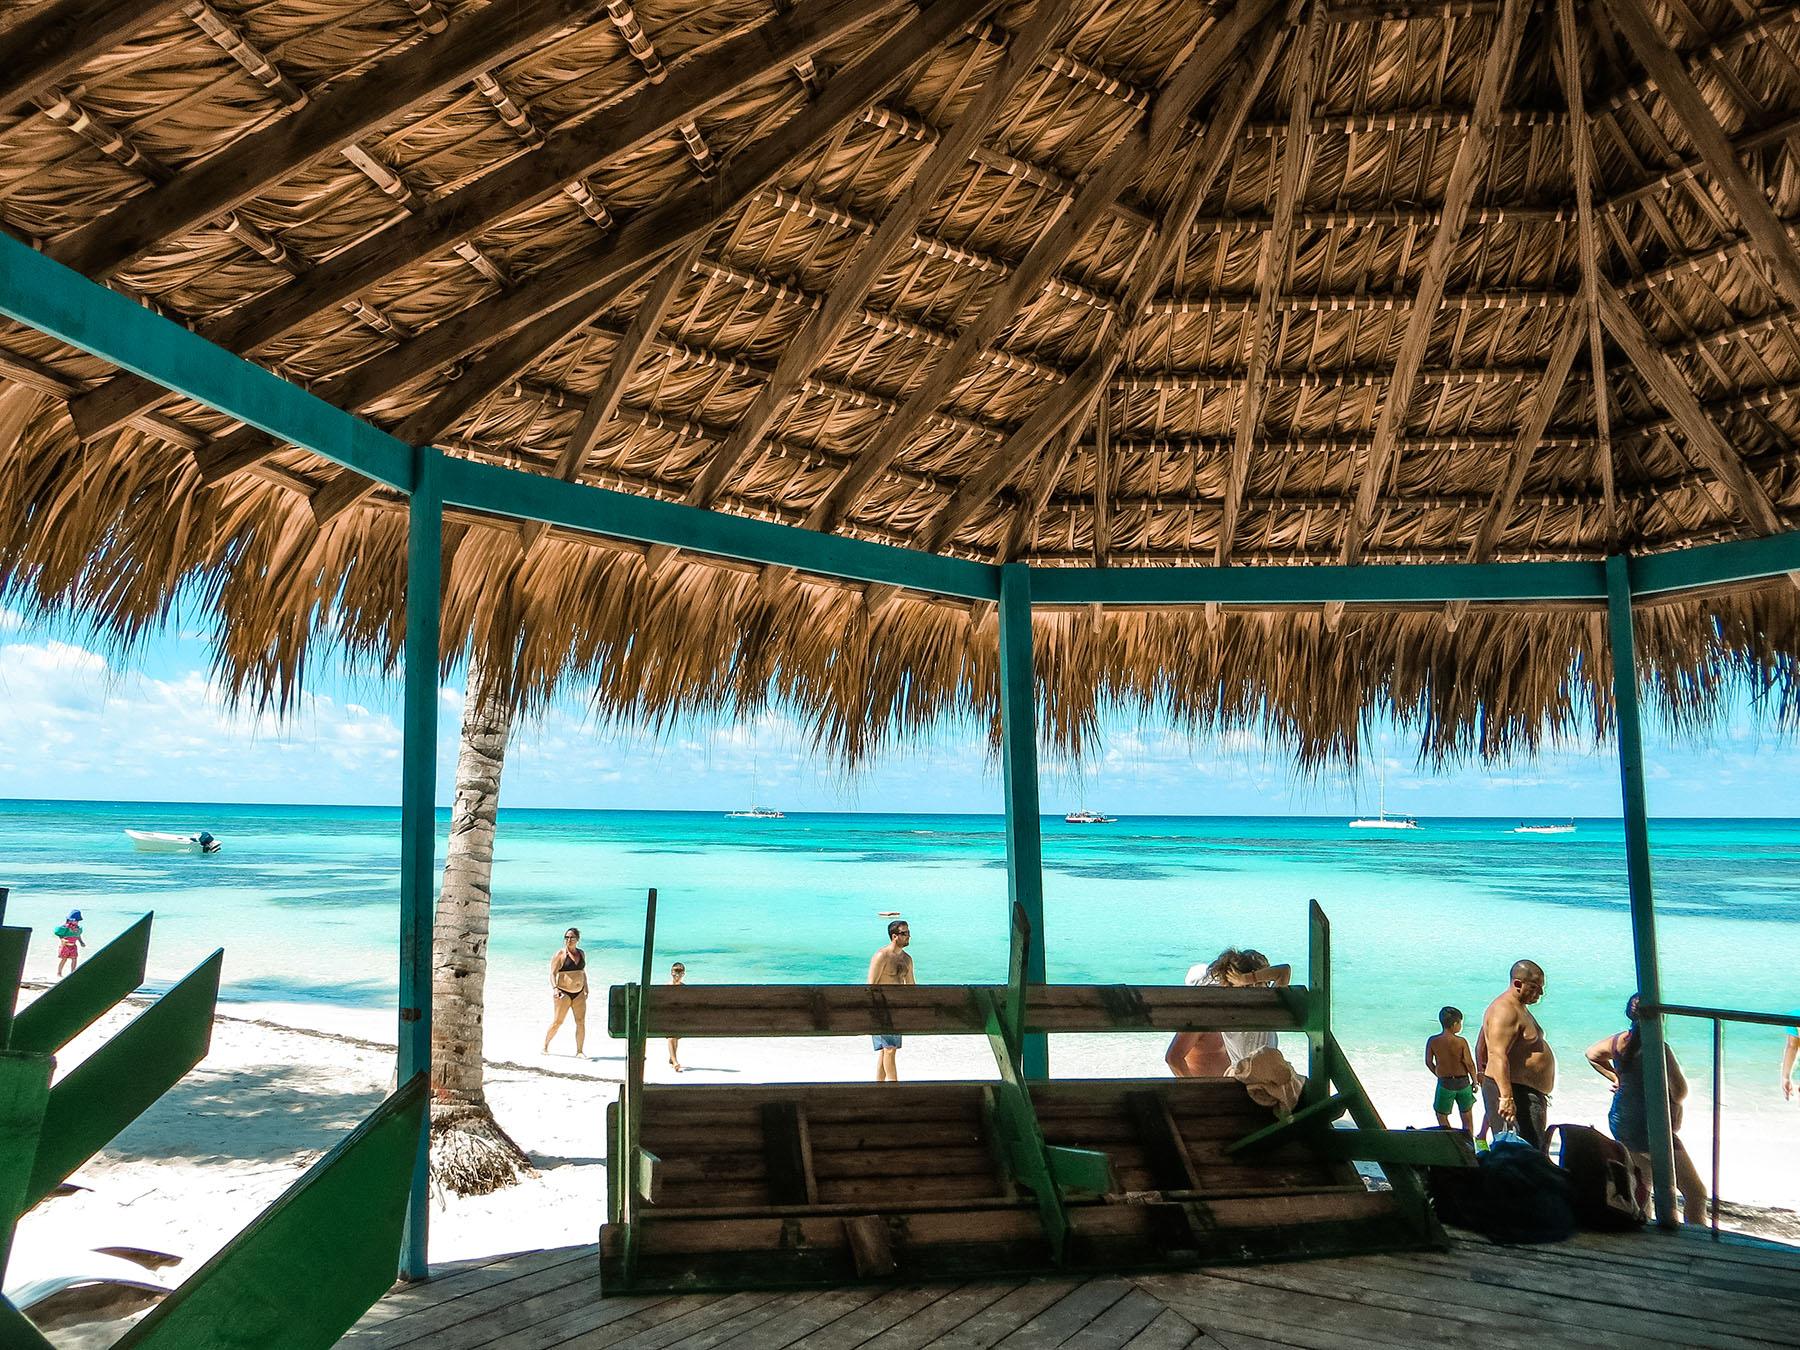 Karibik Kreuzfahrt Dominikanische Republik Isla Saona Strand